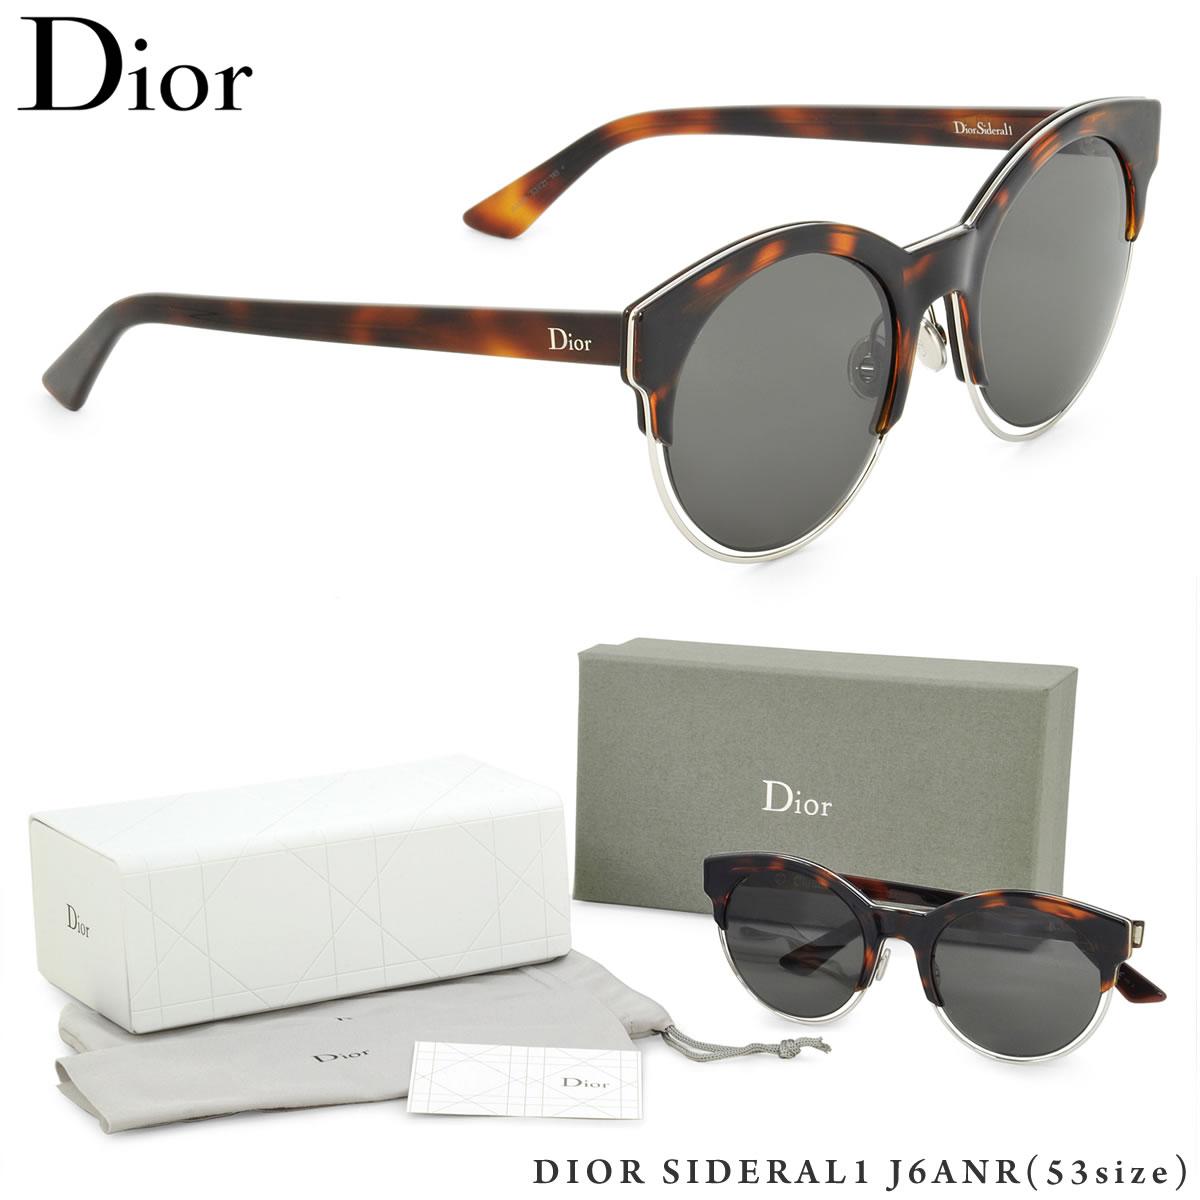 【10月30日からエントリーで全品ポイント20倍】【Dior】 (ディオール) サングラスDIORSIDERAL1 J6ANR 53サイズSIDERAL1 シデラル ラウンド 丸メガネDior レディース